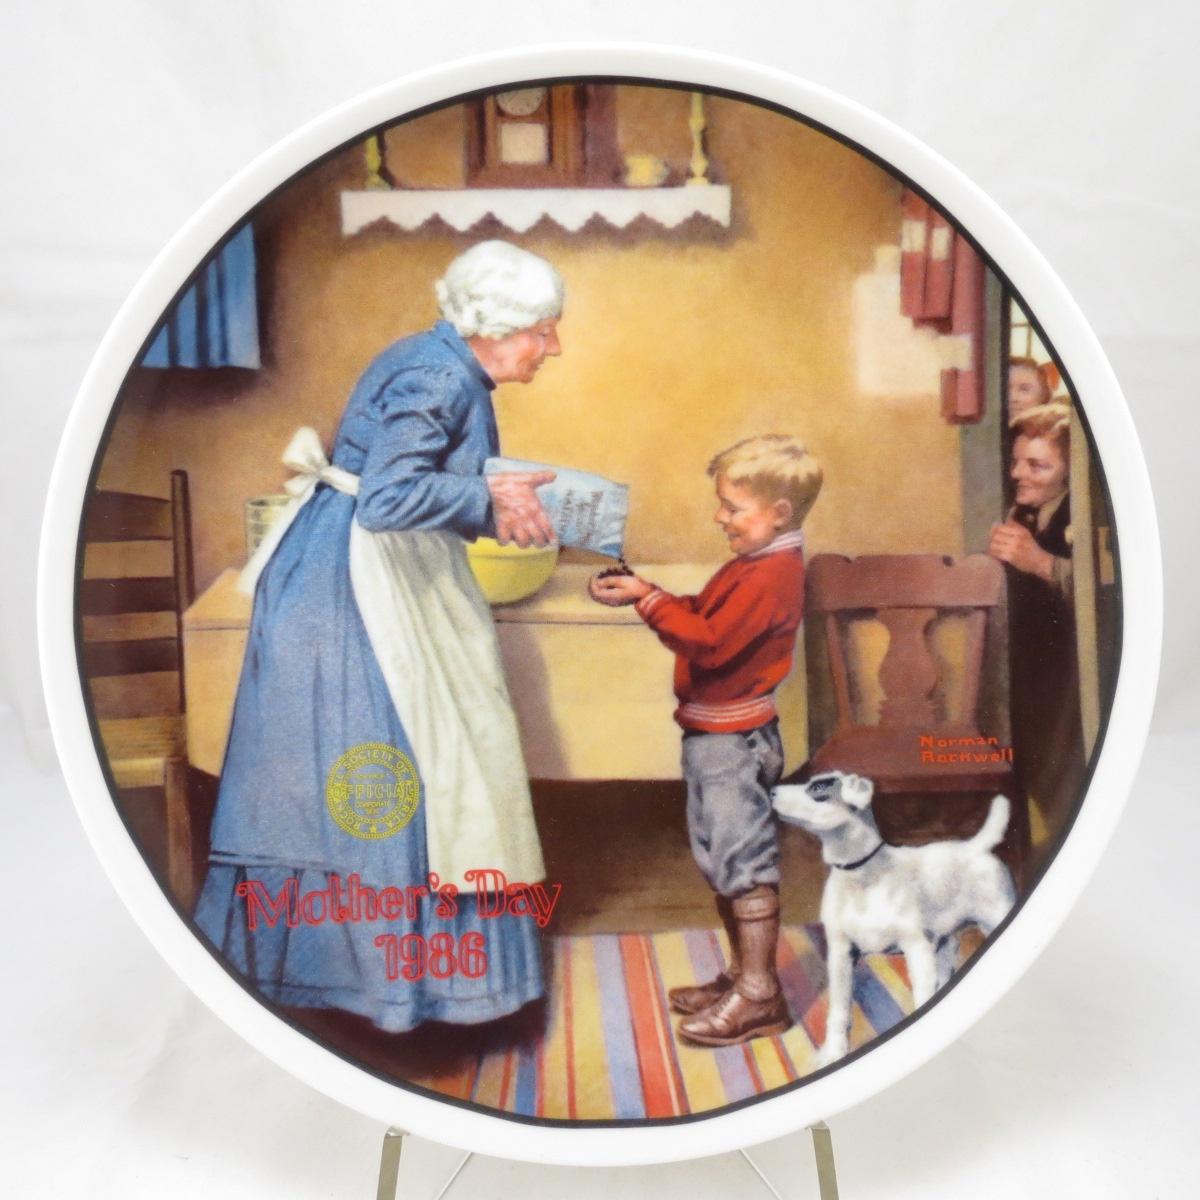 Декоративная тарелка День матери 1986: Набег на Запасы. Фарфор, деколь. США, Edwin M.Knowles China Company, Норман Роквелл, 1986 декоративная тарелка knowles коллекция наследие профессор фарфор деколь сша норман роквелл 1986